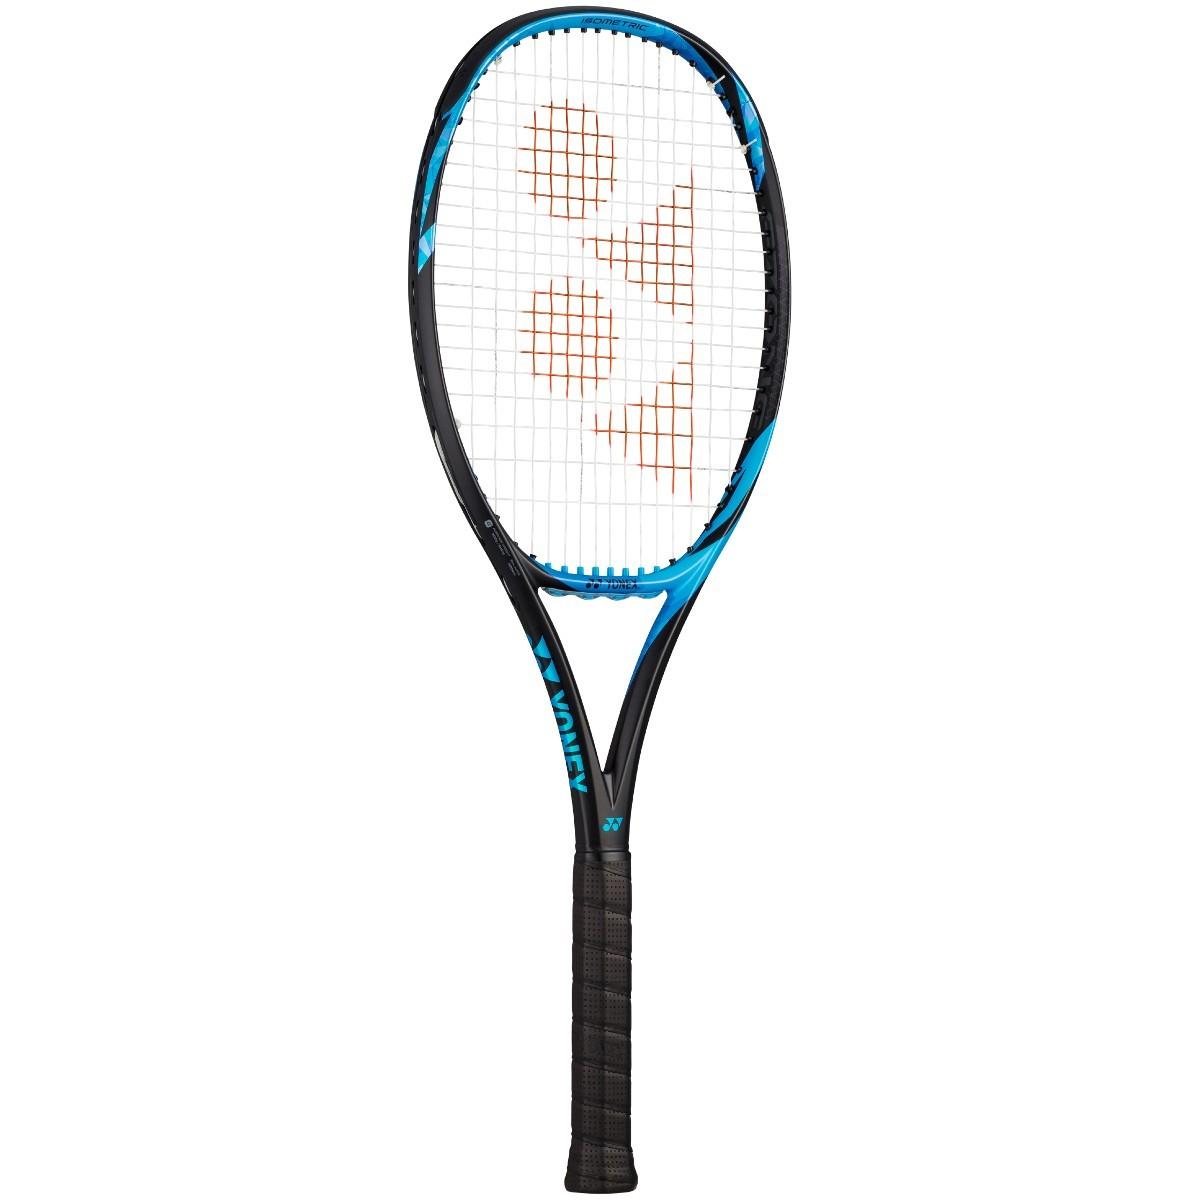 Rakieta tenisowa Yonex EZONE 100 (285g)